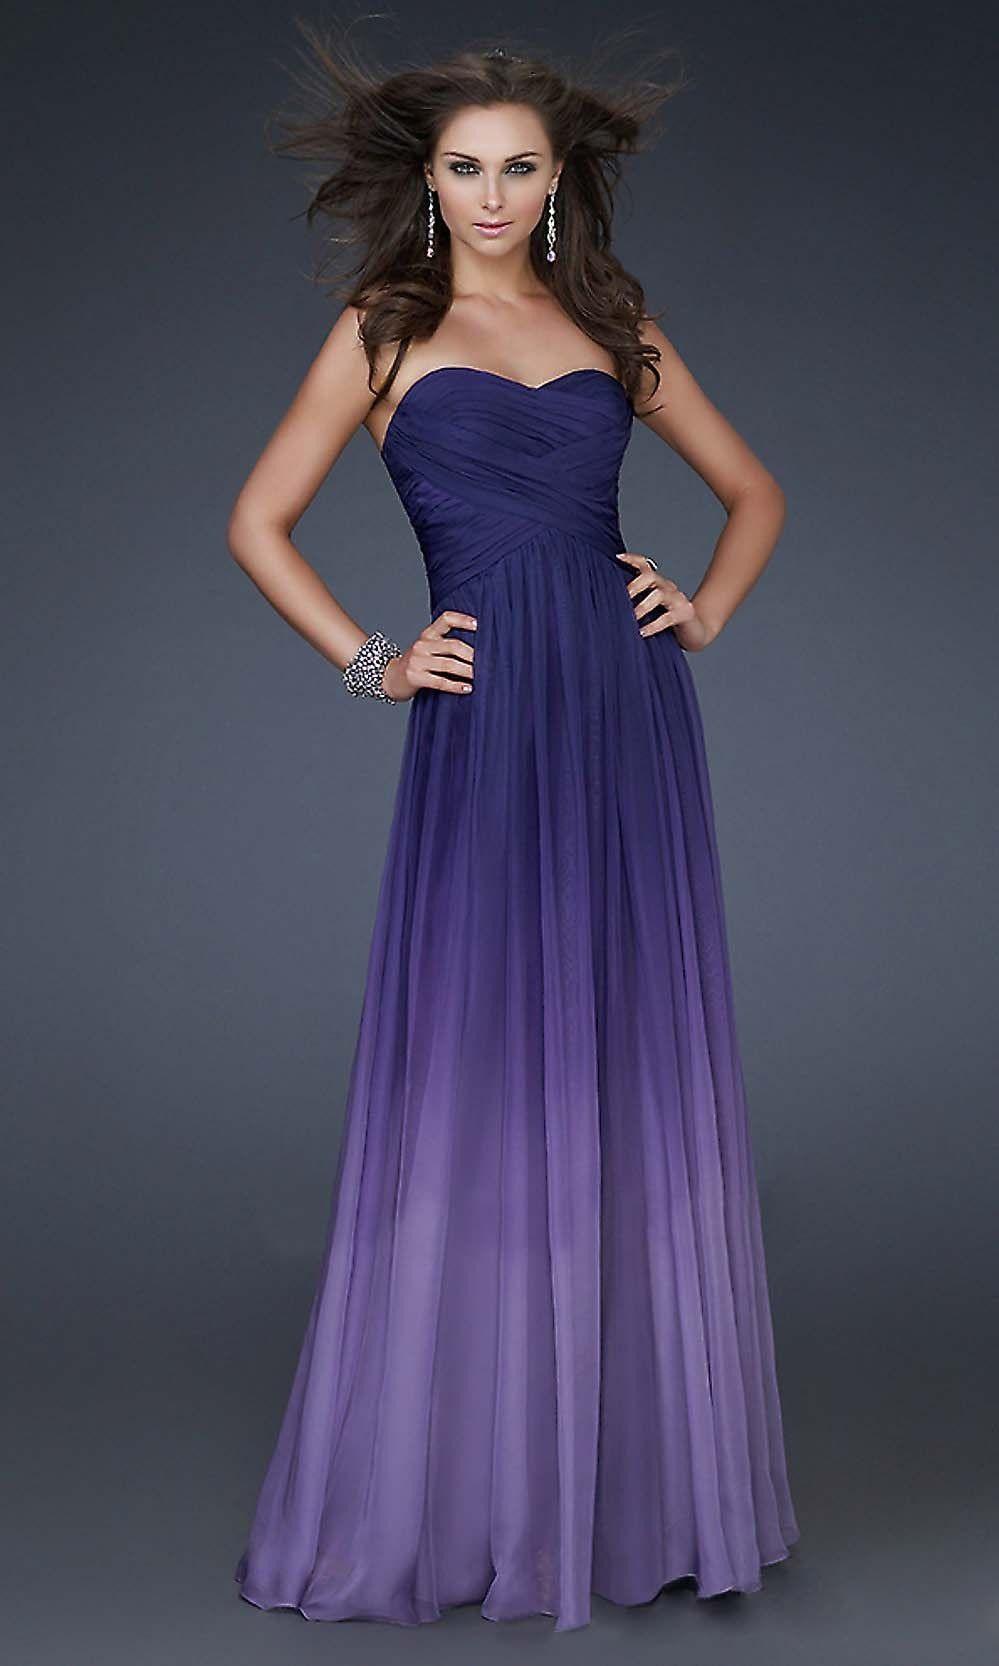 Purple violet gradient dress | Dresses | Pinterest | Damas